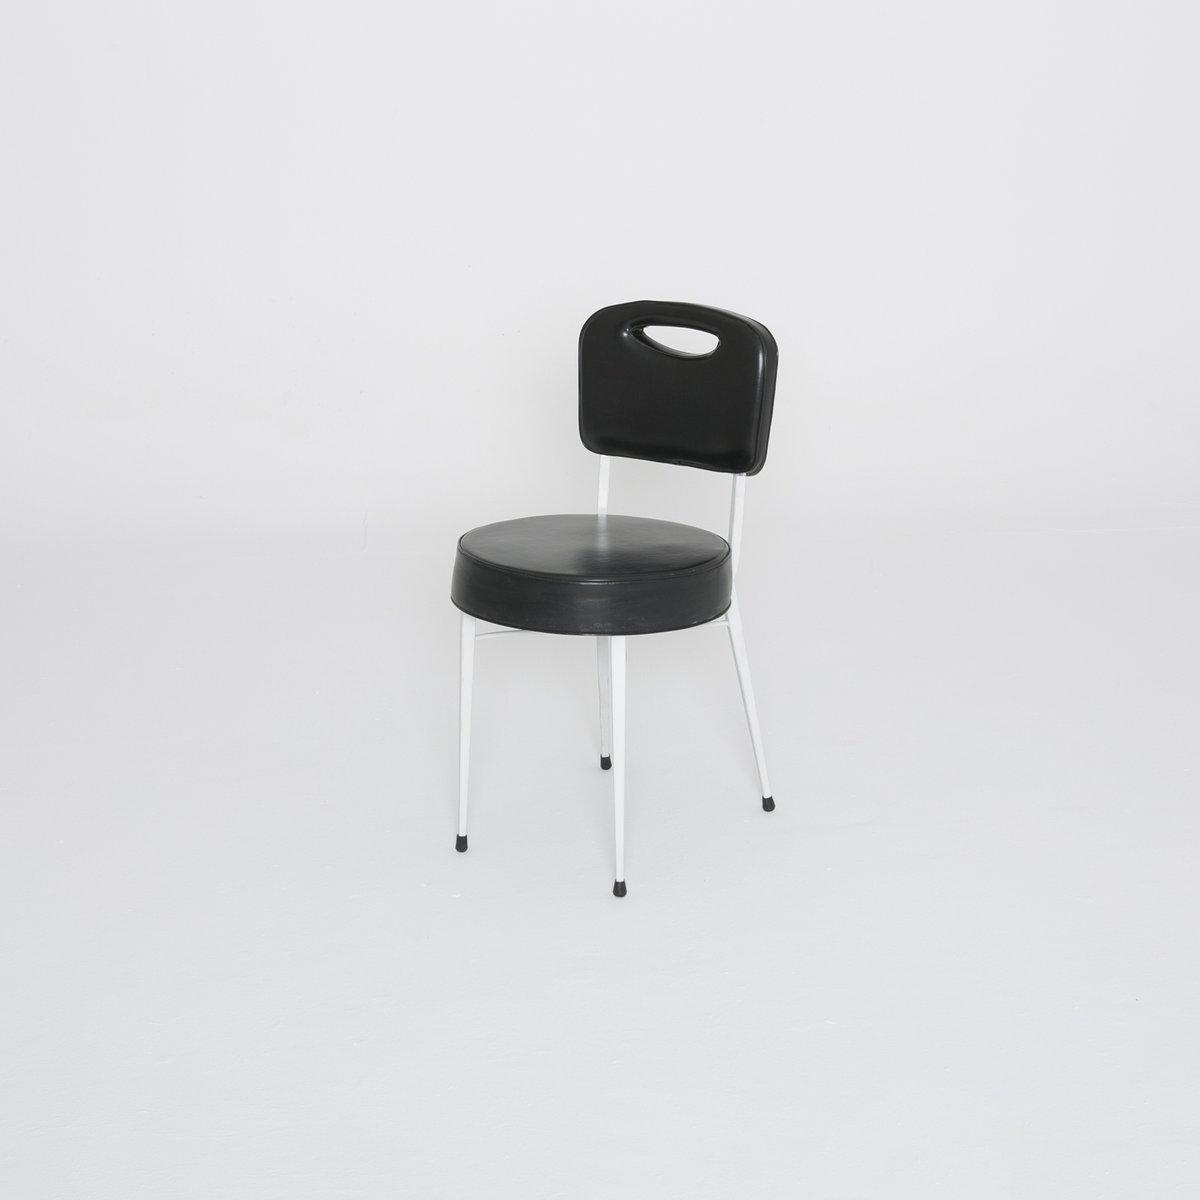 vintage stuhl in schwarz wei von der longchamp pferderennbahn 1950er bei pamono kaufen. Black Bedroom Furniture Sets. Home Design Ideas